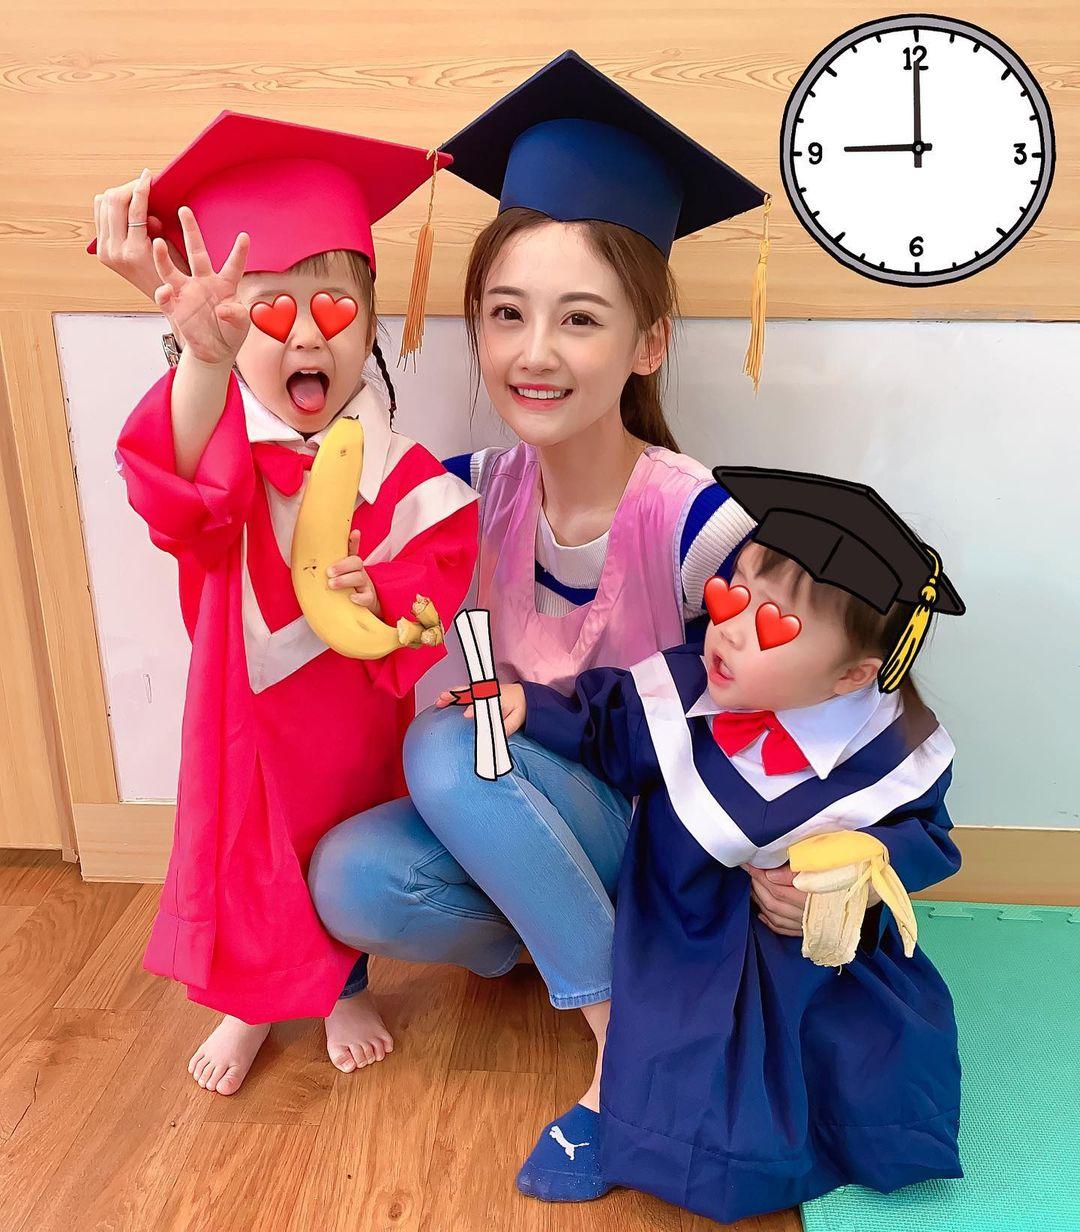 台灣幼兒園老師妮妮1.jpg